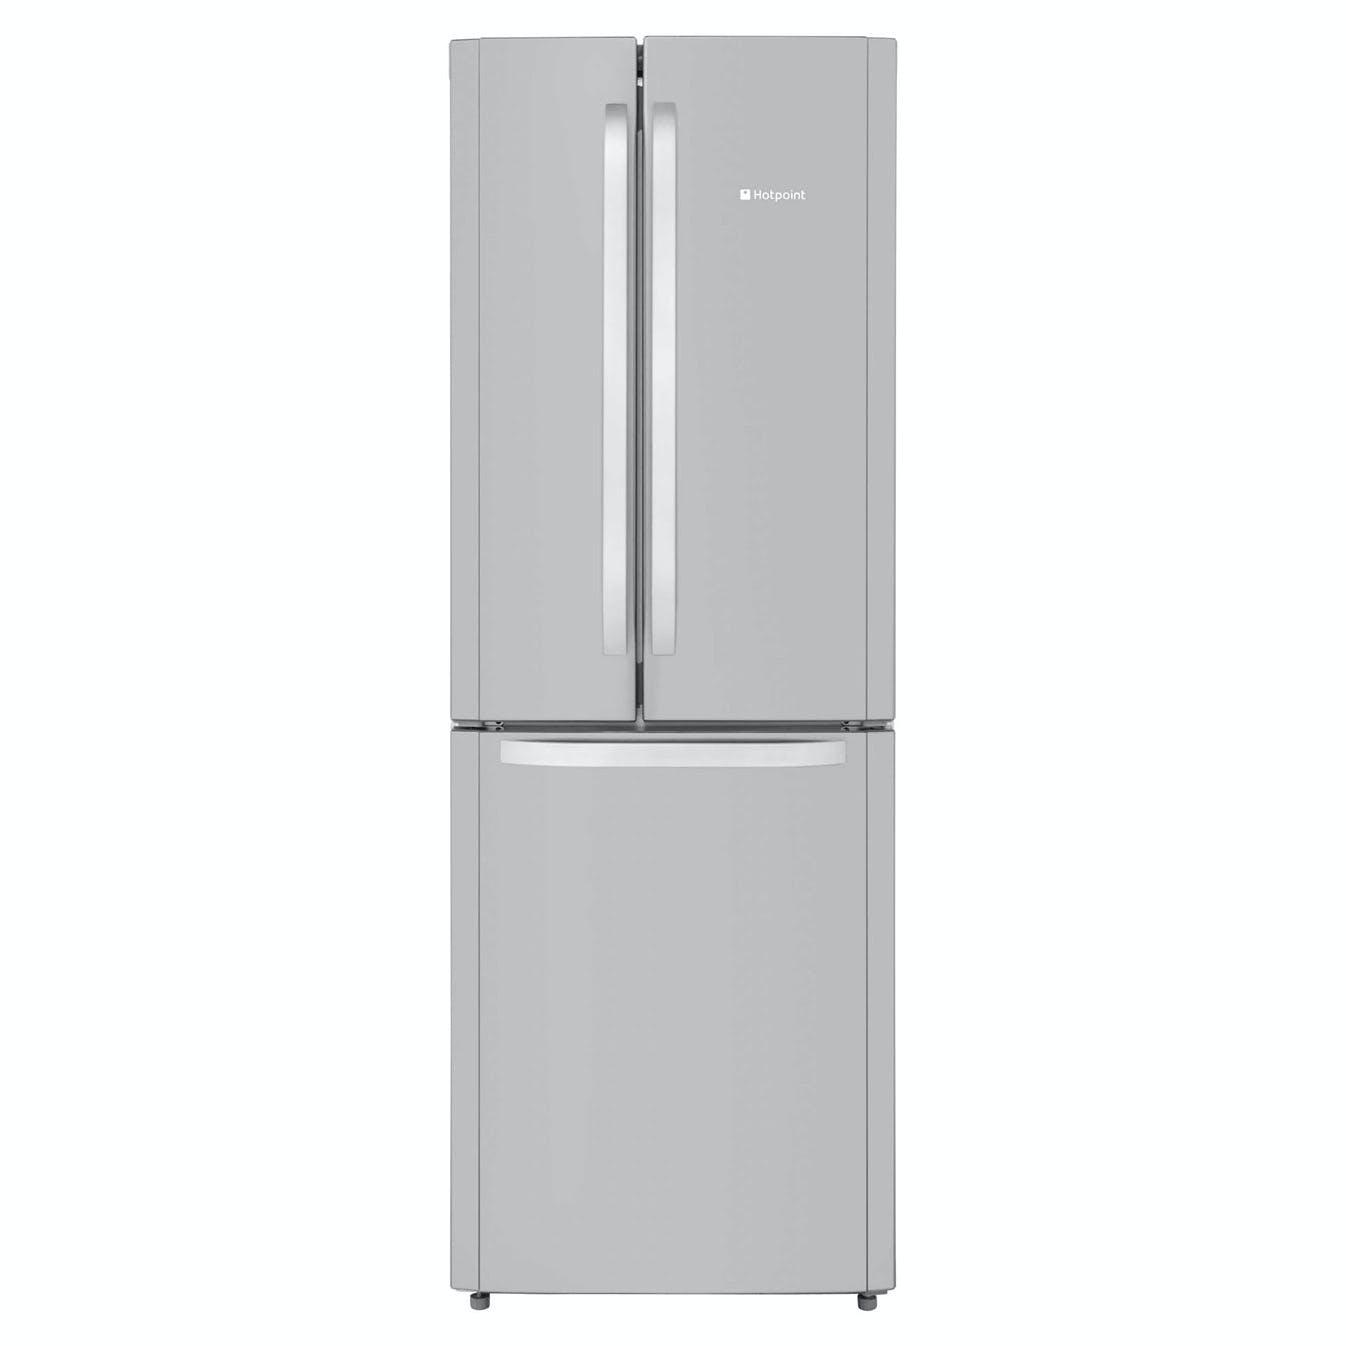 Hotpoint Ffu3d 1x 70cm 3 Door Frost Free Fridge Freezer In